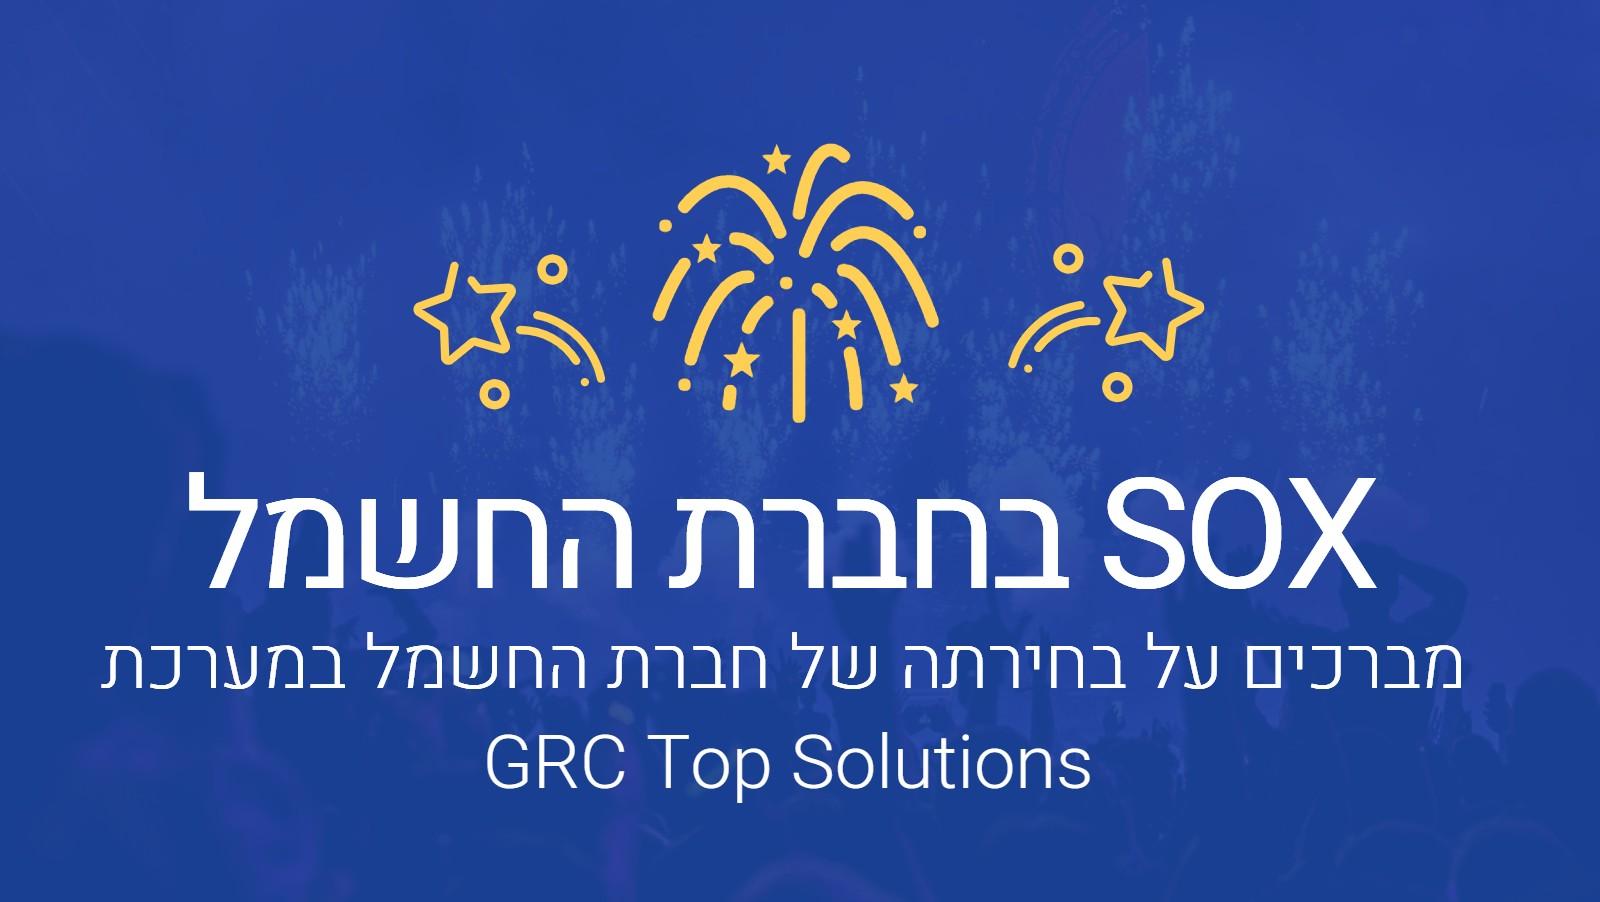 חברת החשמל בחרה את פתרון ה SOX מבית טופ סולושנס